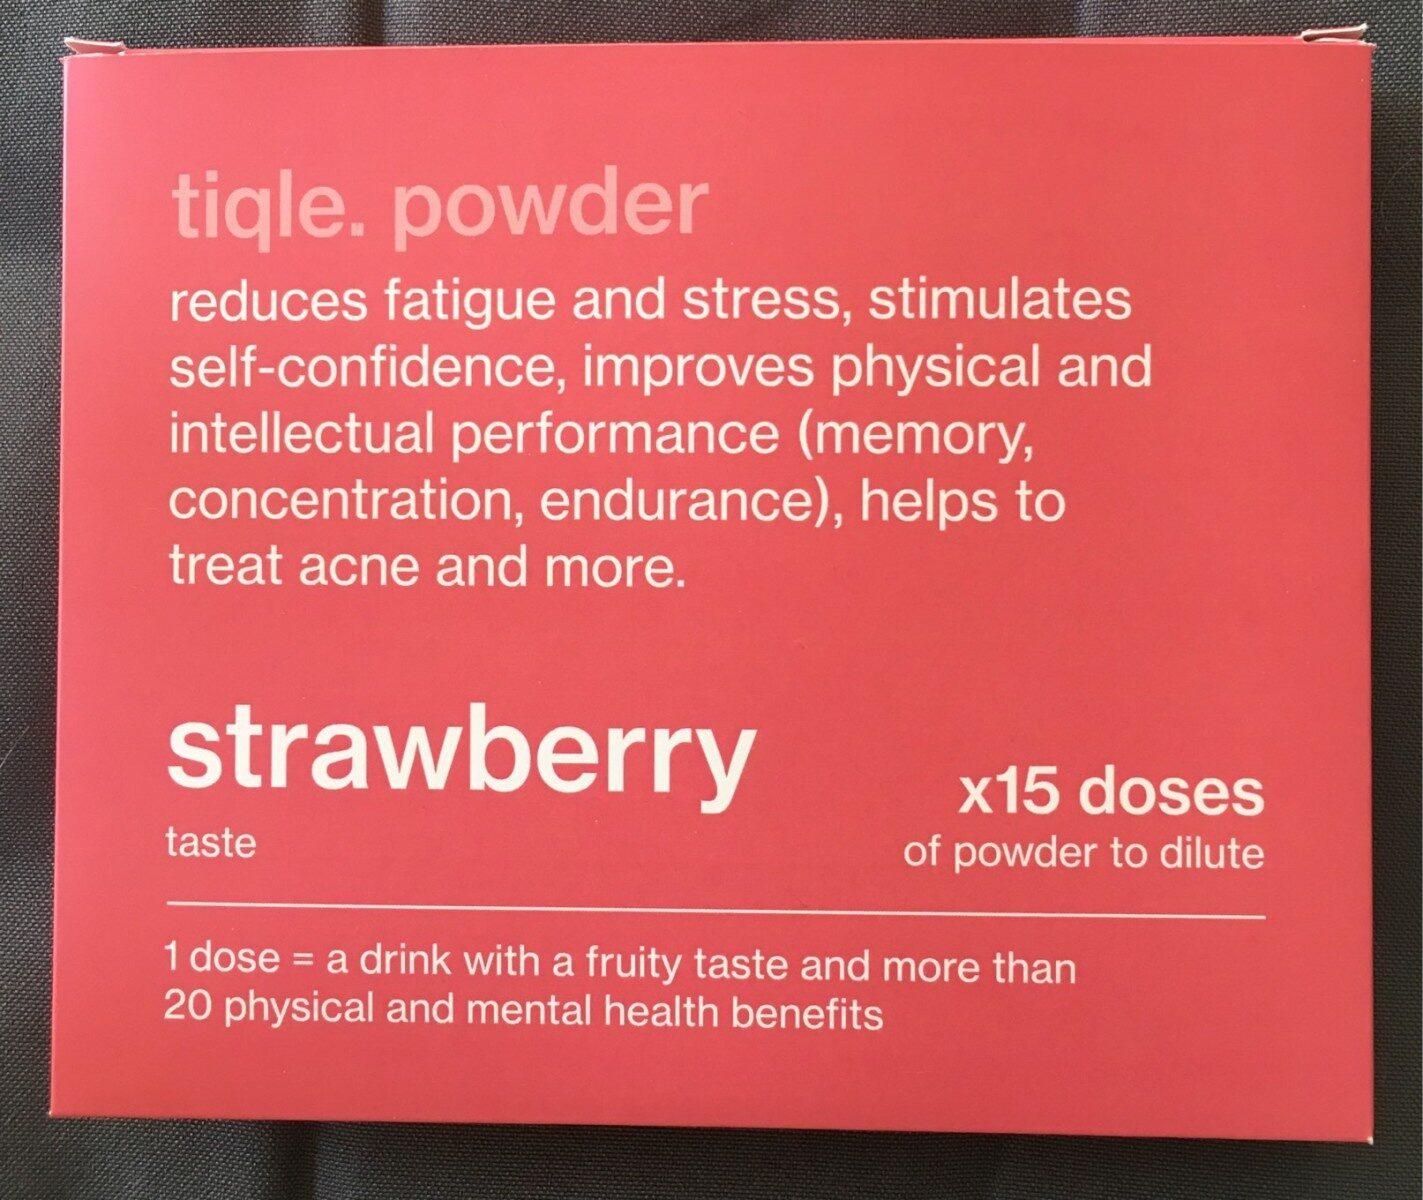 Tiqle sticks boisson goût fraise - Product